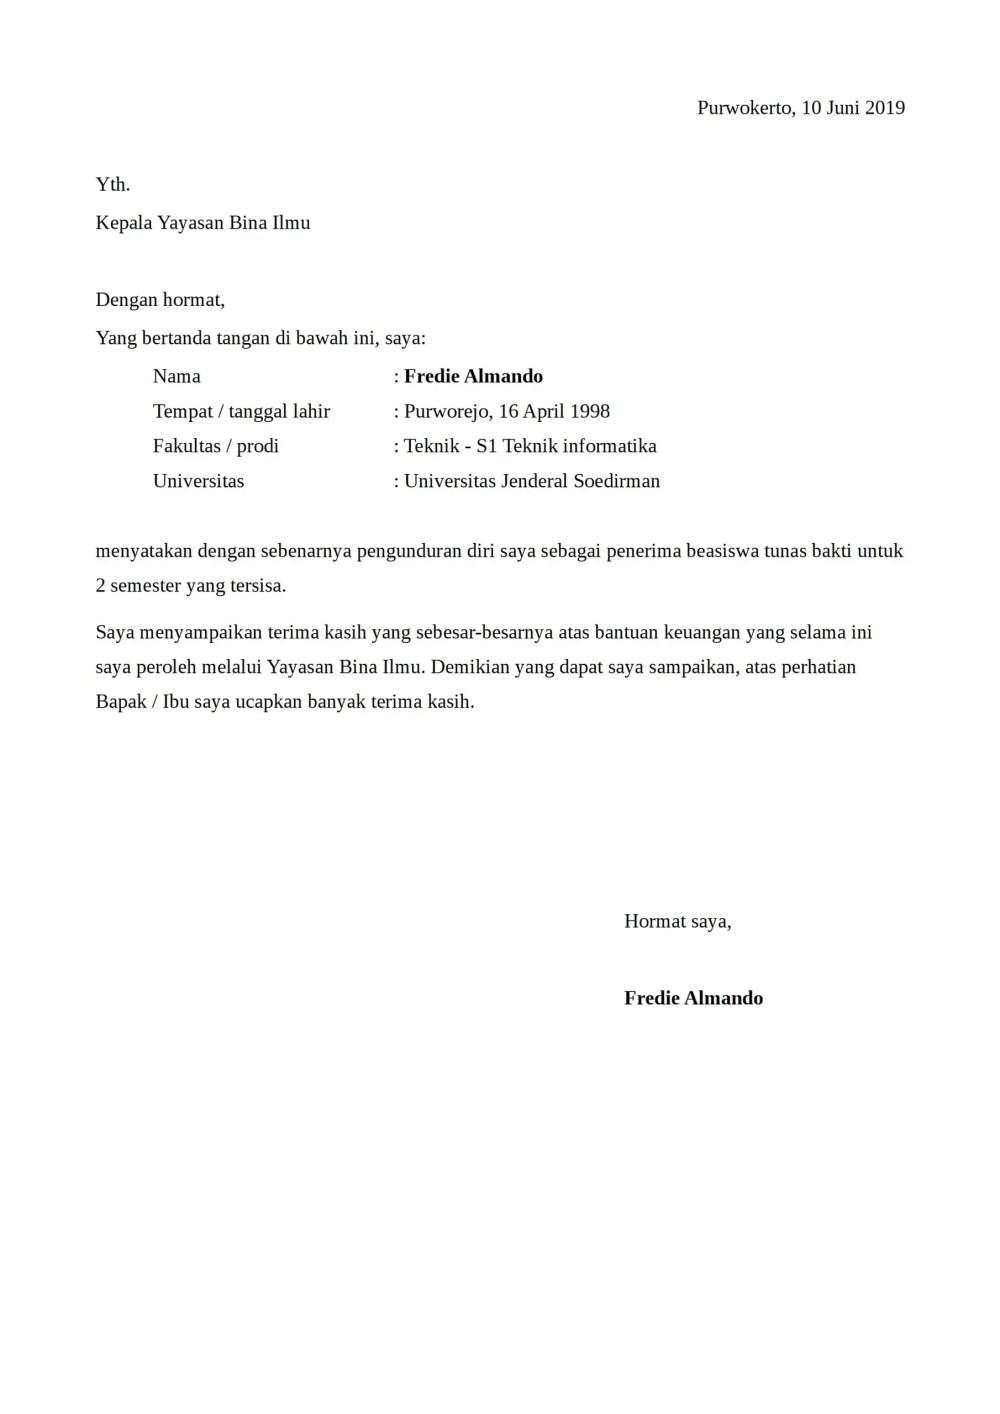 44++ Contoh surat pengunduran diri mahasiswa terbaru terbaik